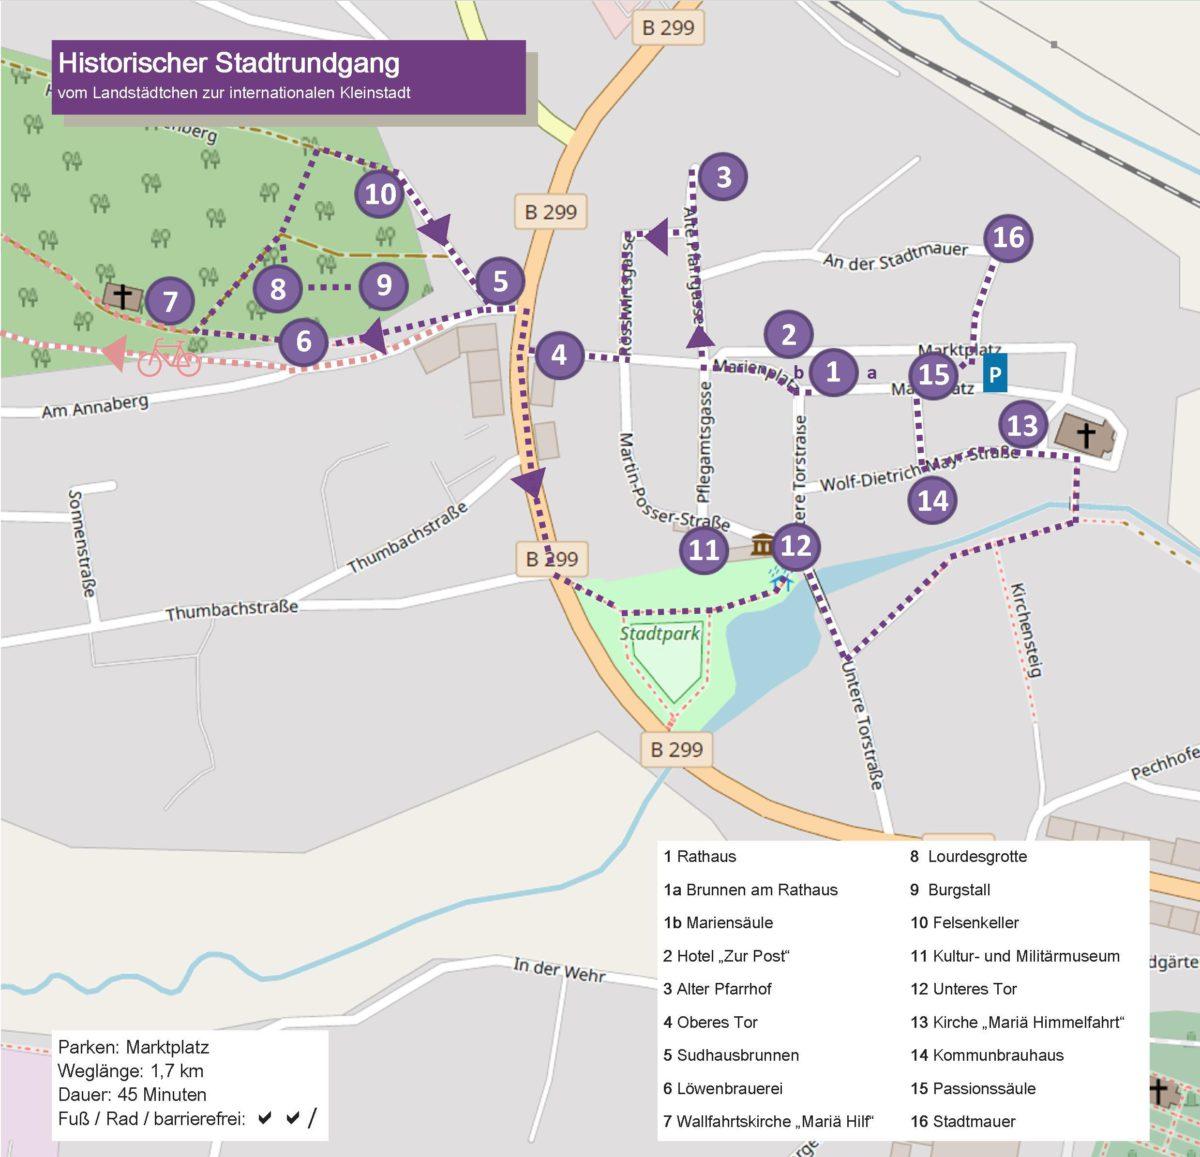 Karte mit Wegstrecke historische Stadtfuehrung